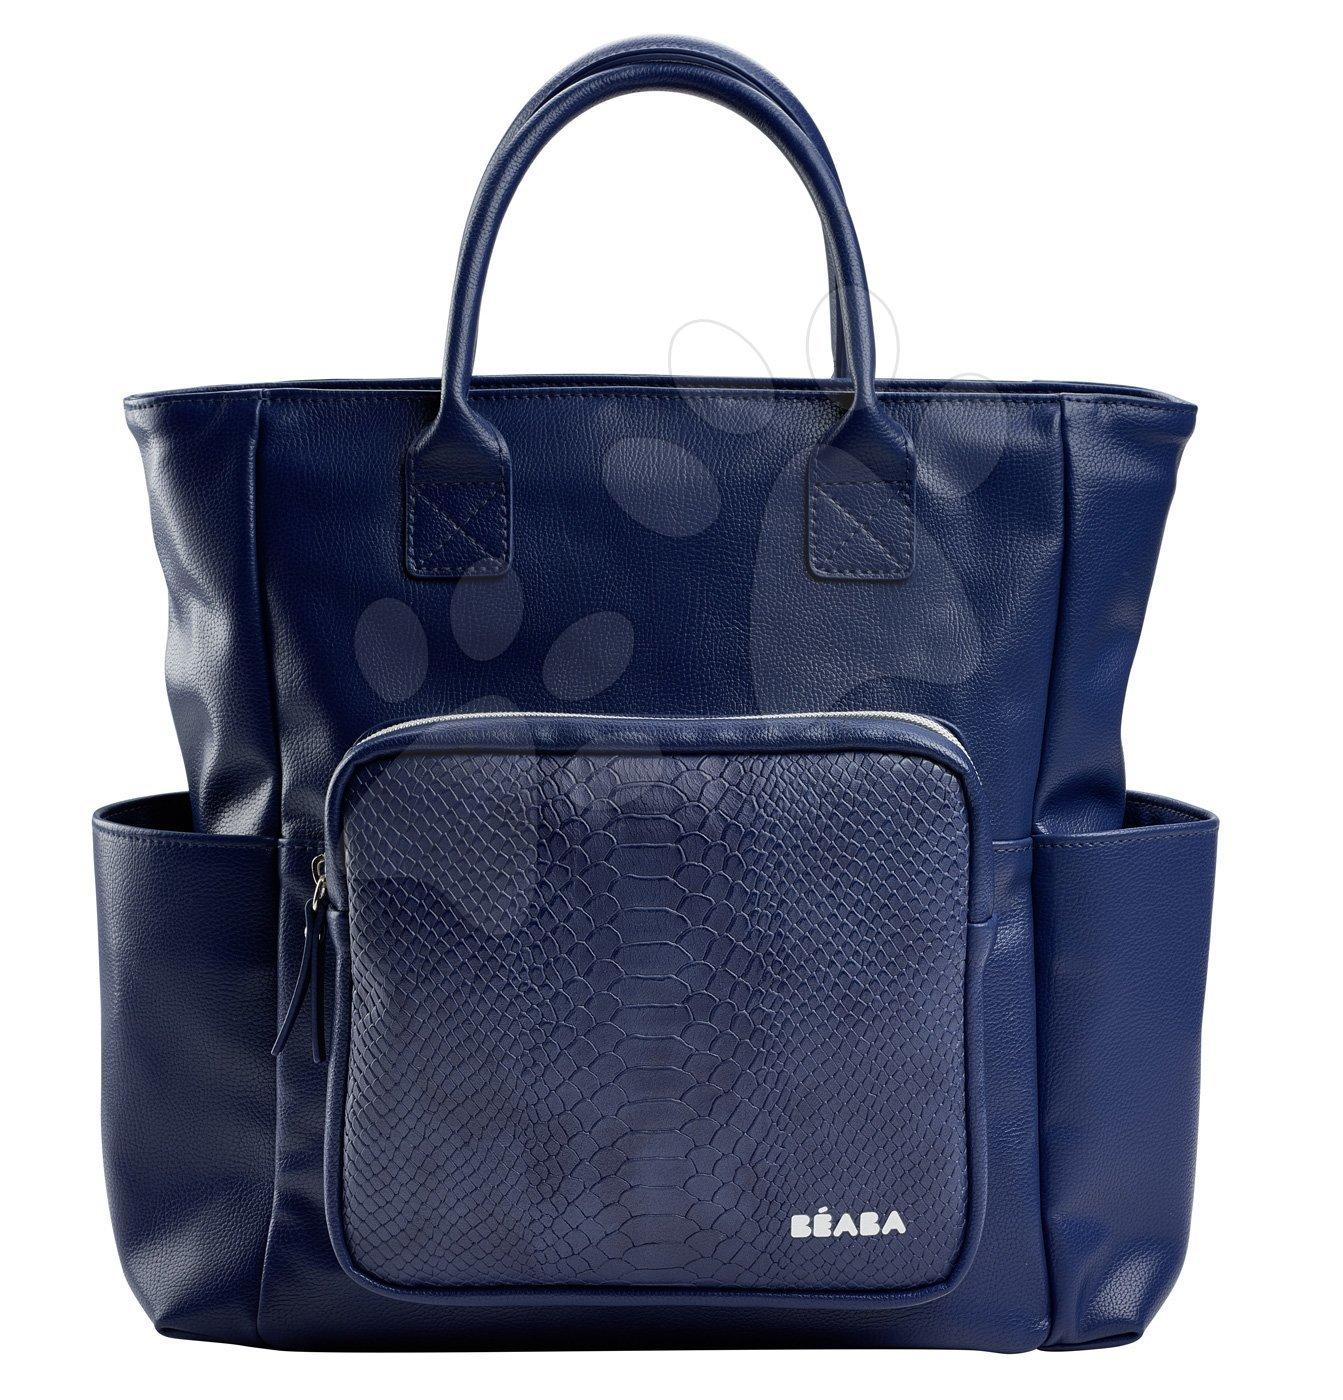 Previjalna torba za vozičke Kyoto Beaba modra s kačjim vzorcem